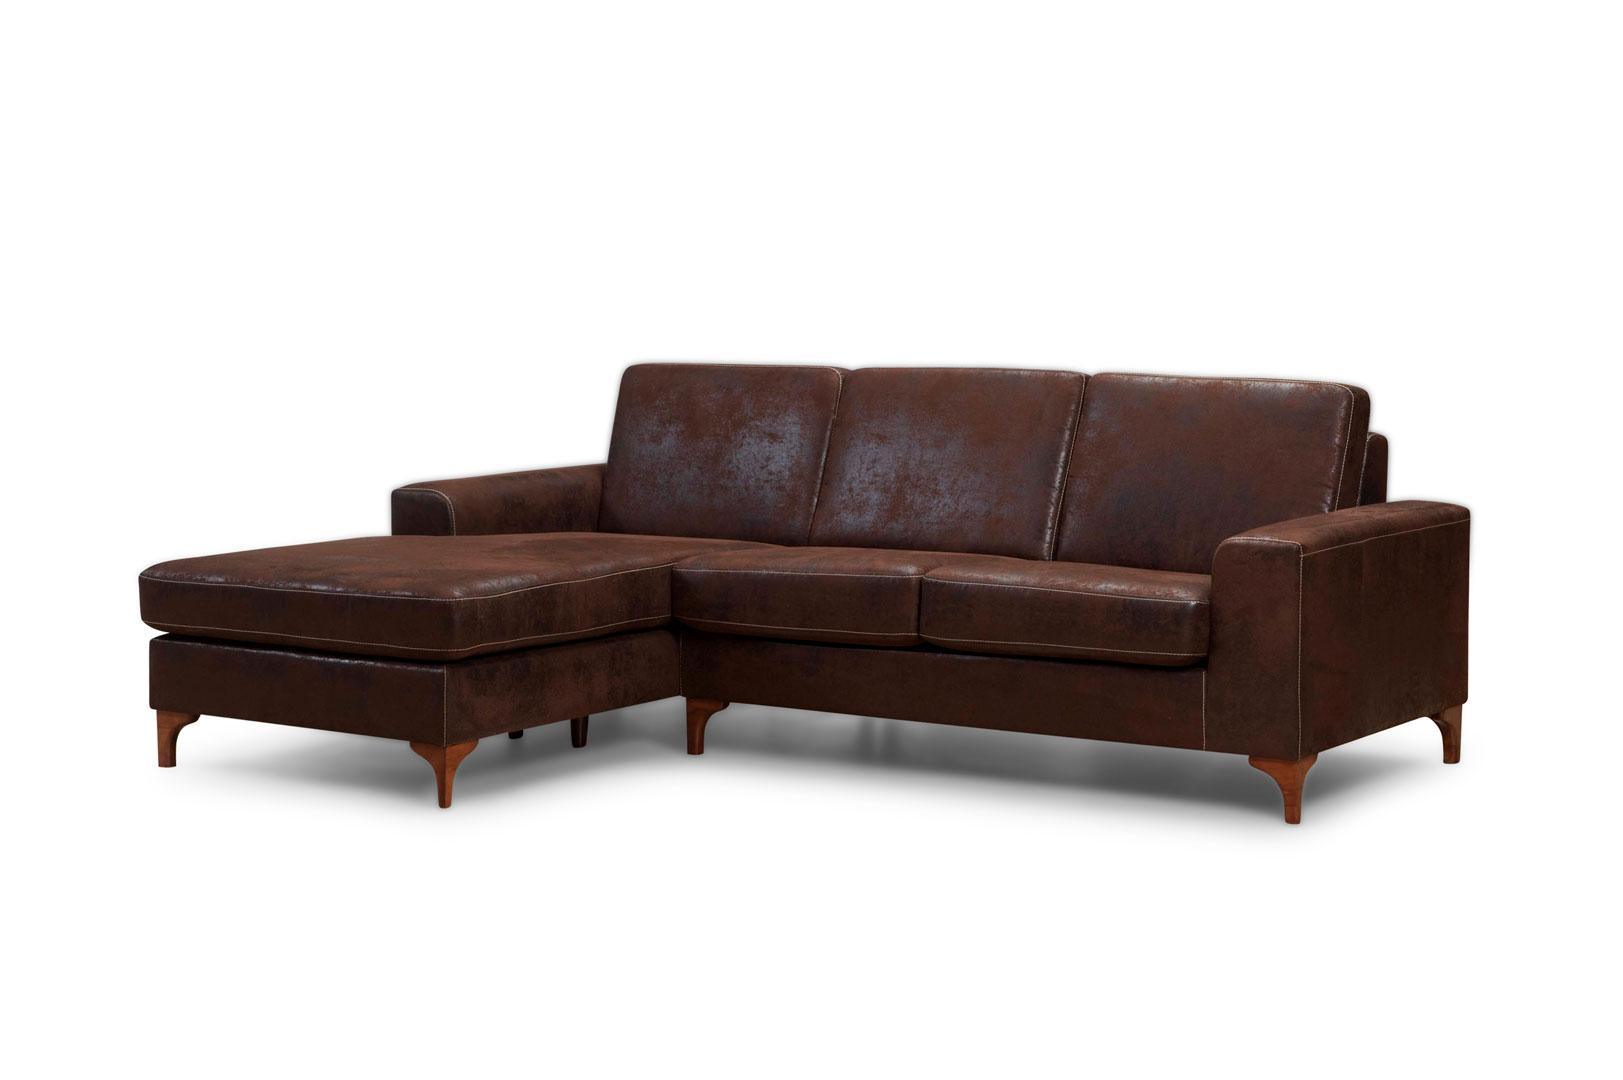 Canapé d'angle fixe contemporain en tissu marron Marcy